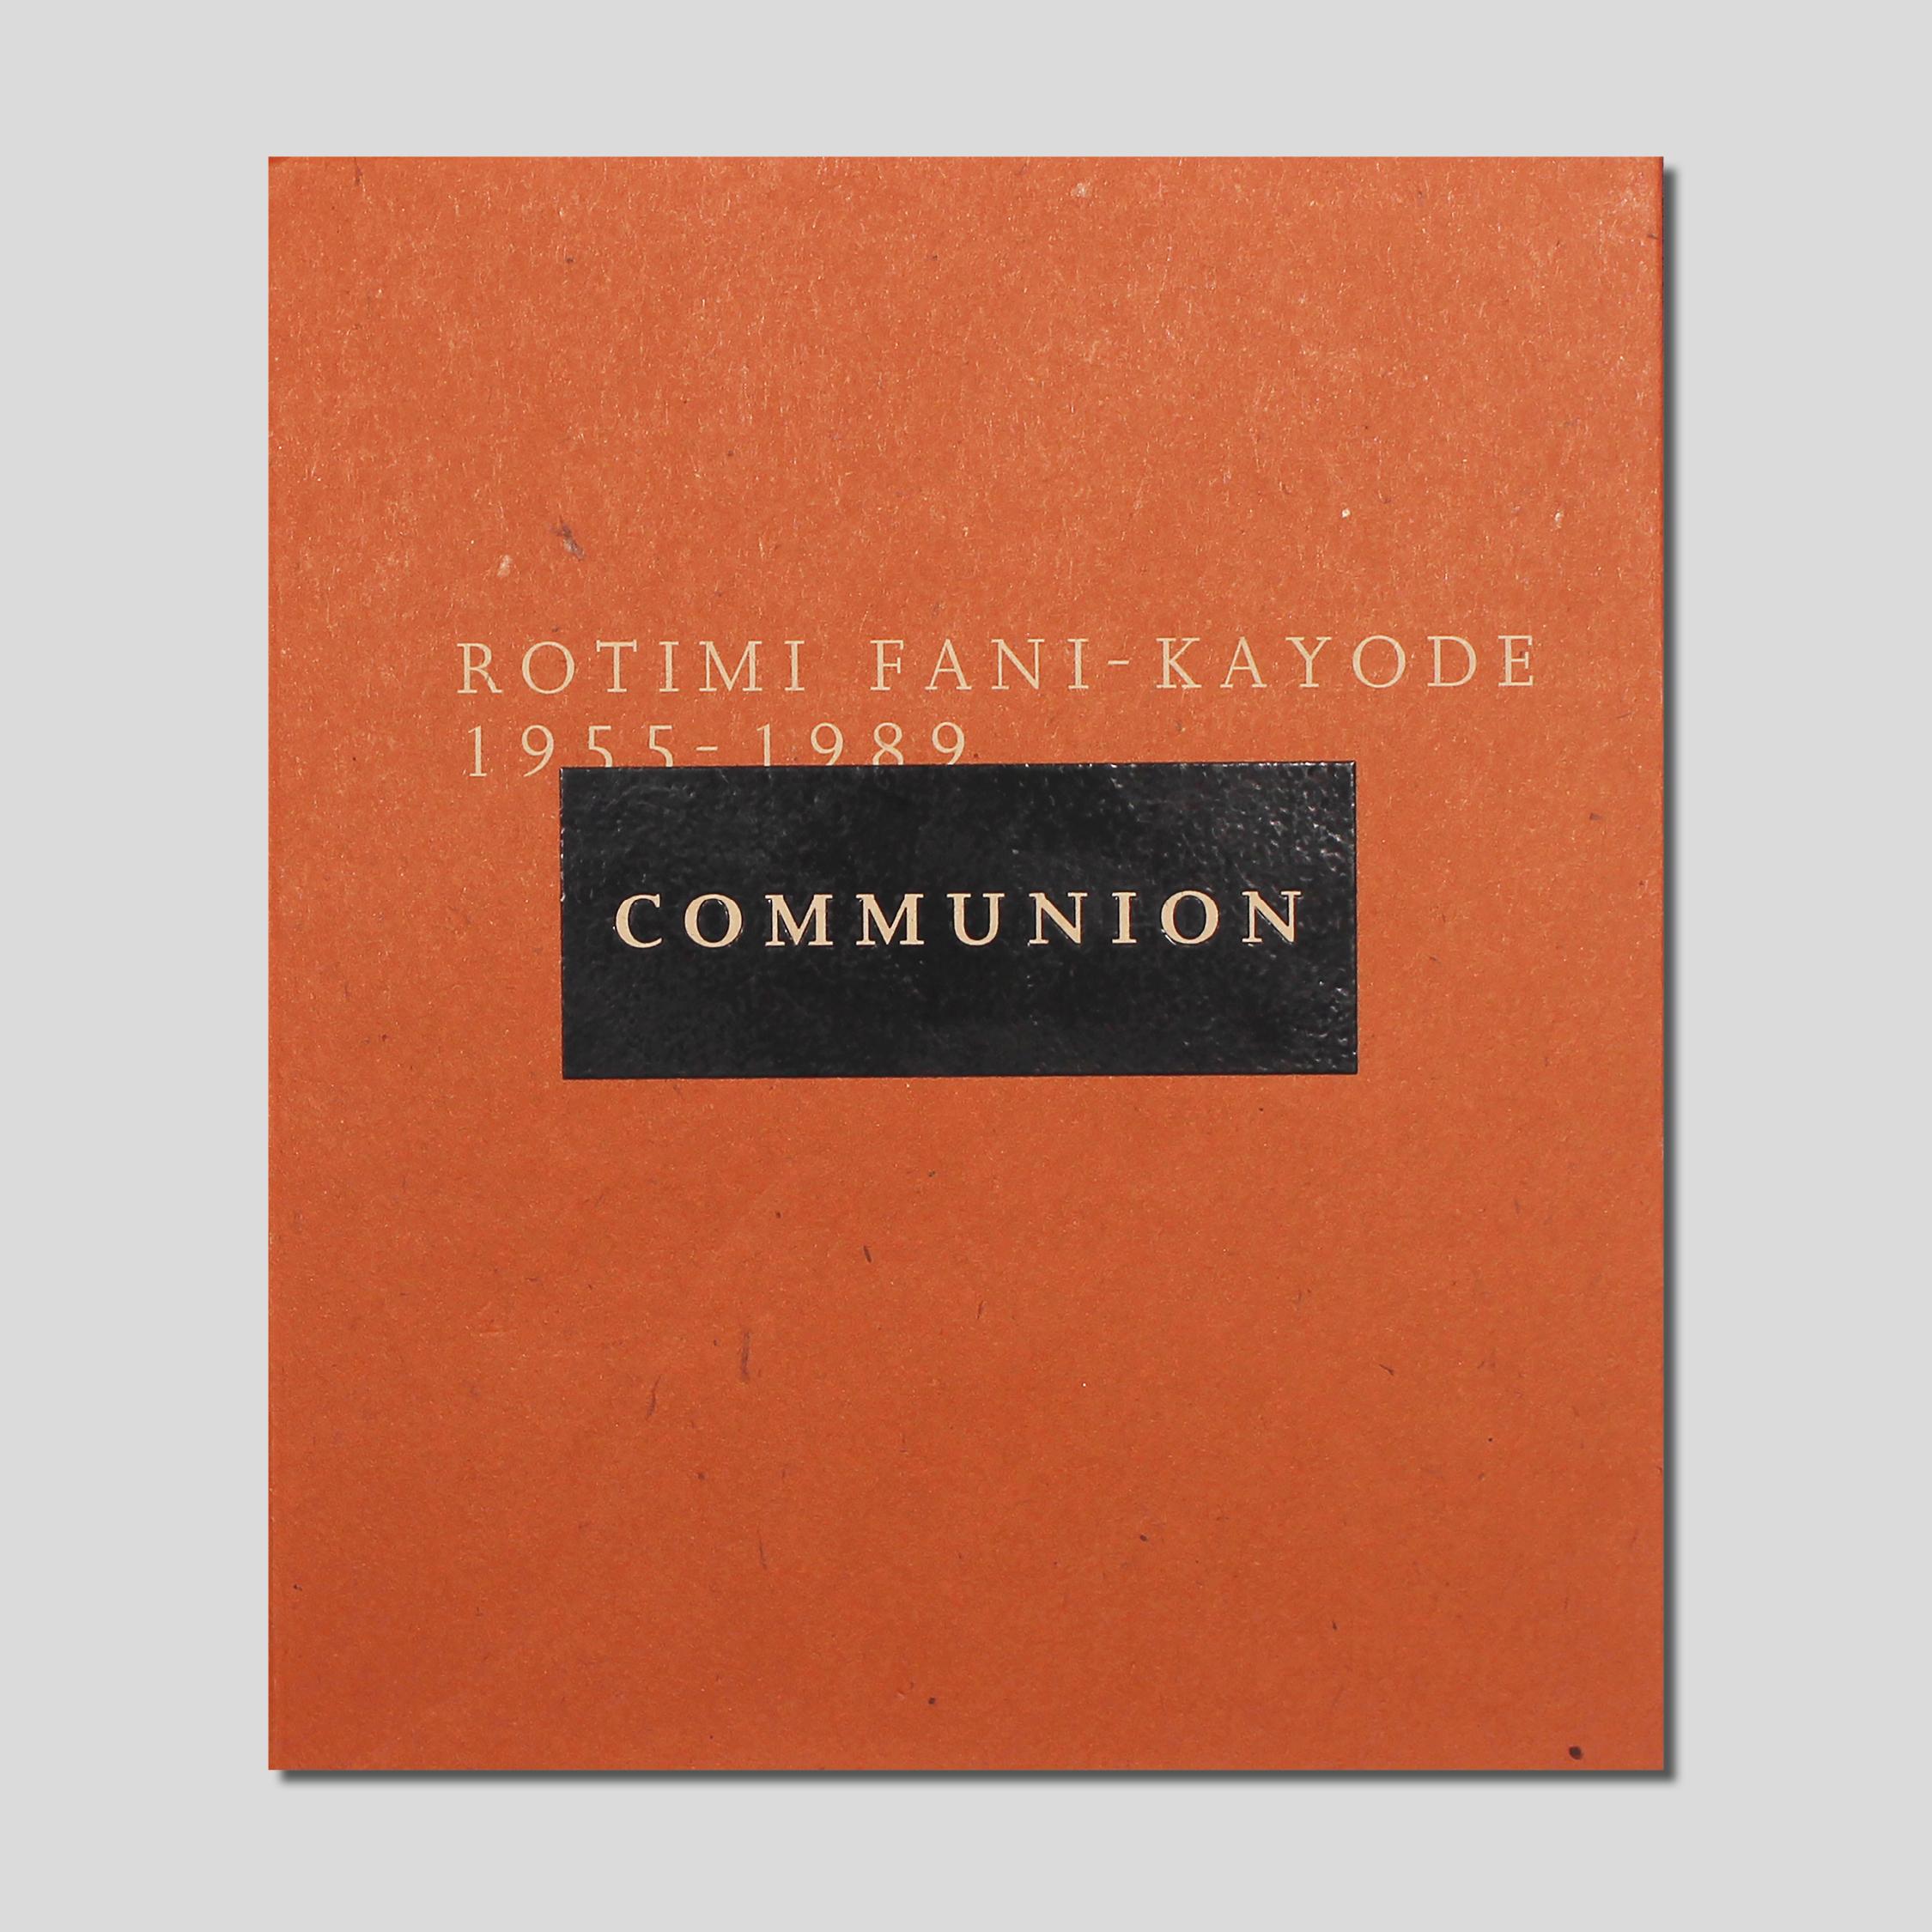 Communion by rotimi fani-kayode